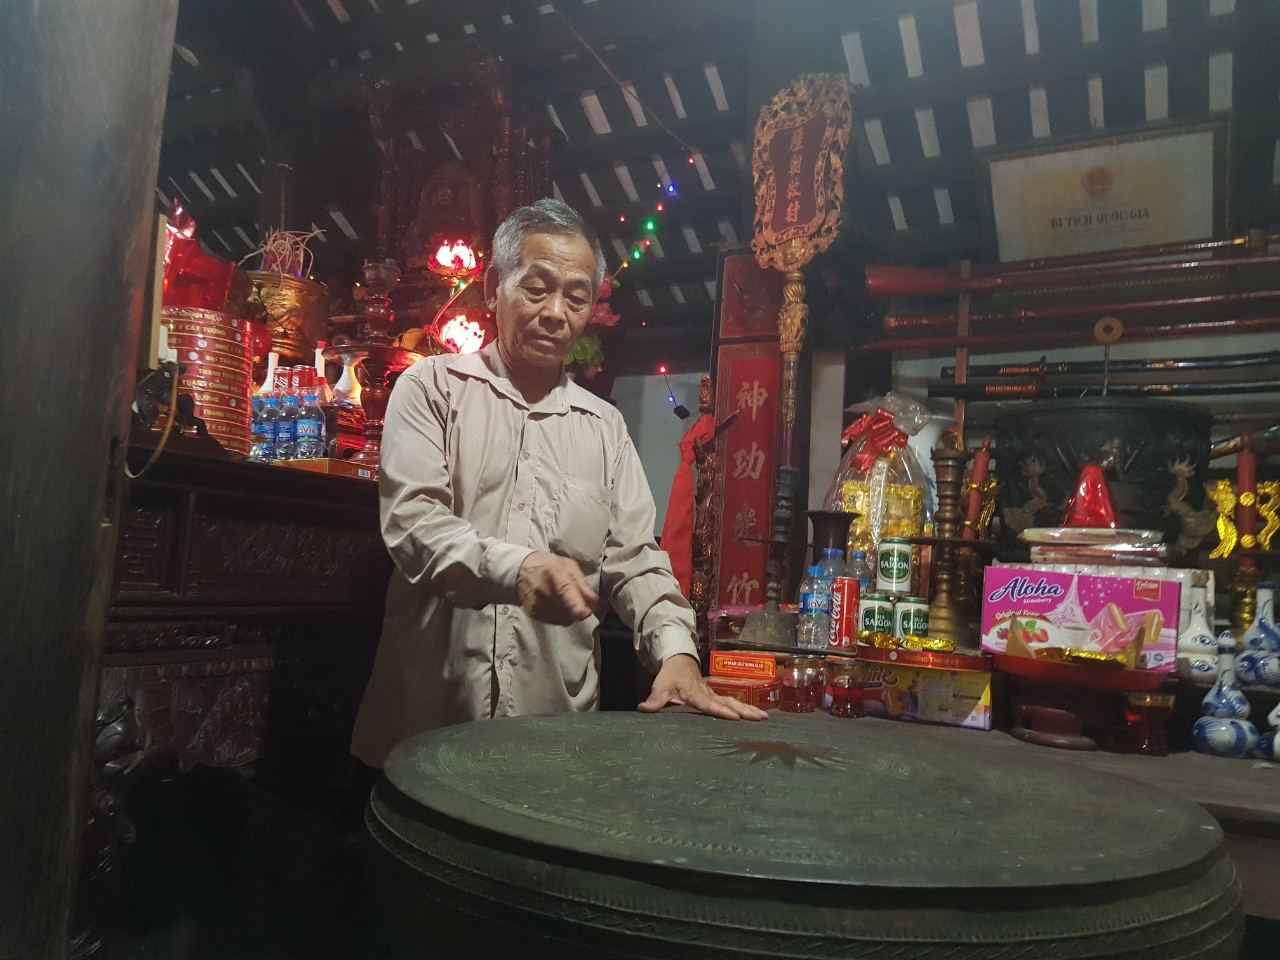 Kể chuyện làng: Chuyện về trống đồng Ngọc Lũ - biểu tượng văn hóa làng tôi - Ảnh 1.